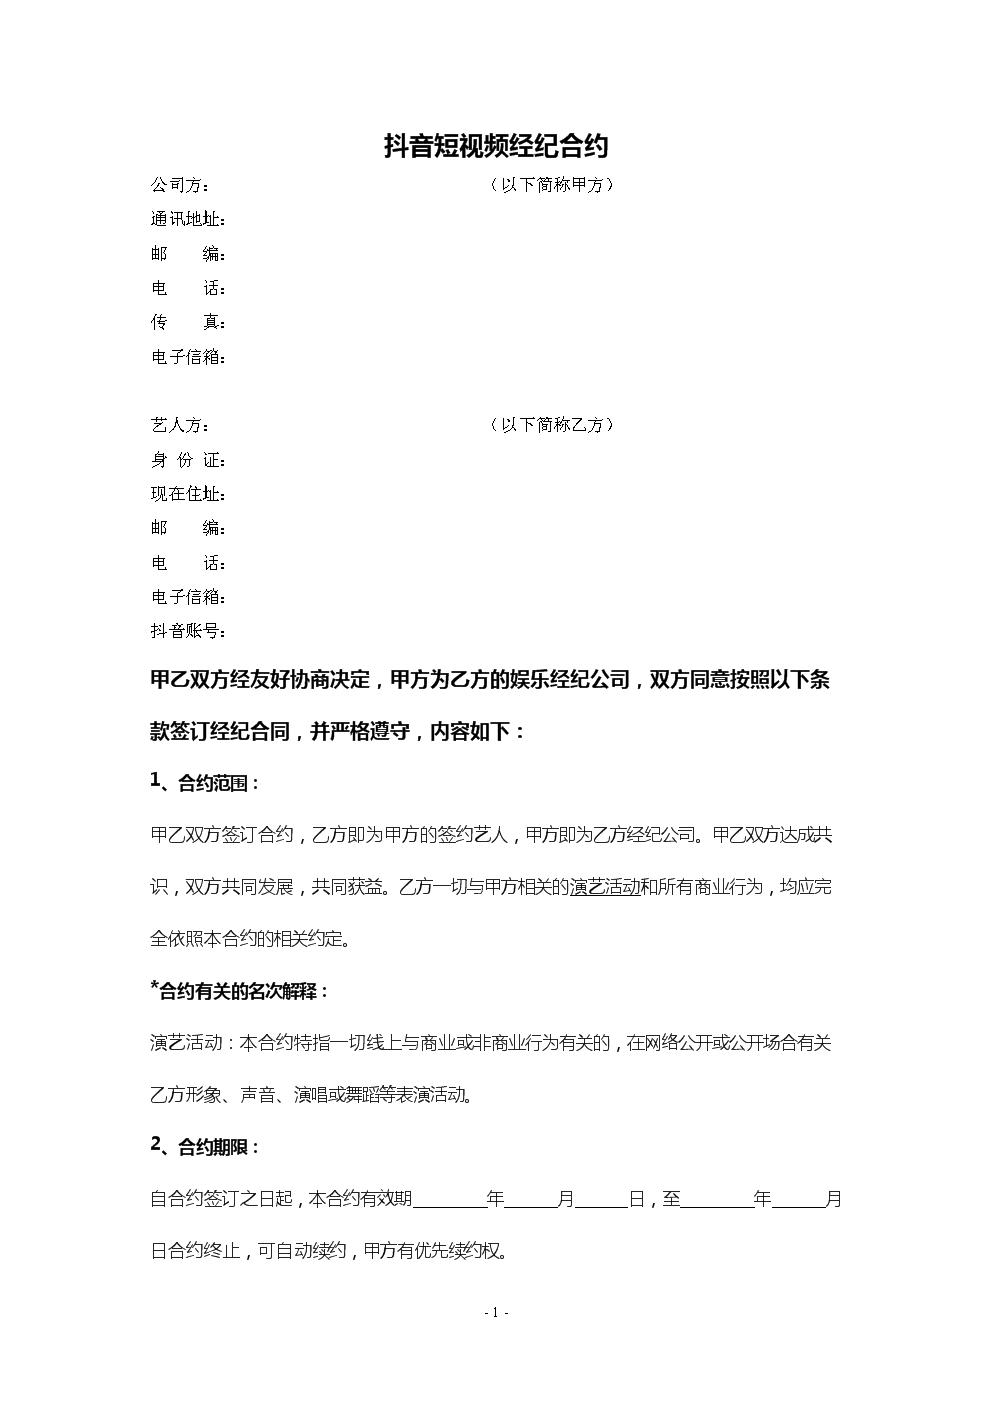 短视频达人经纪合同模板.doc